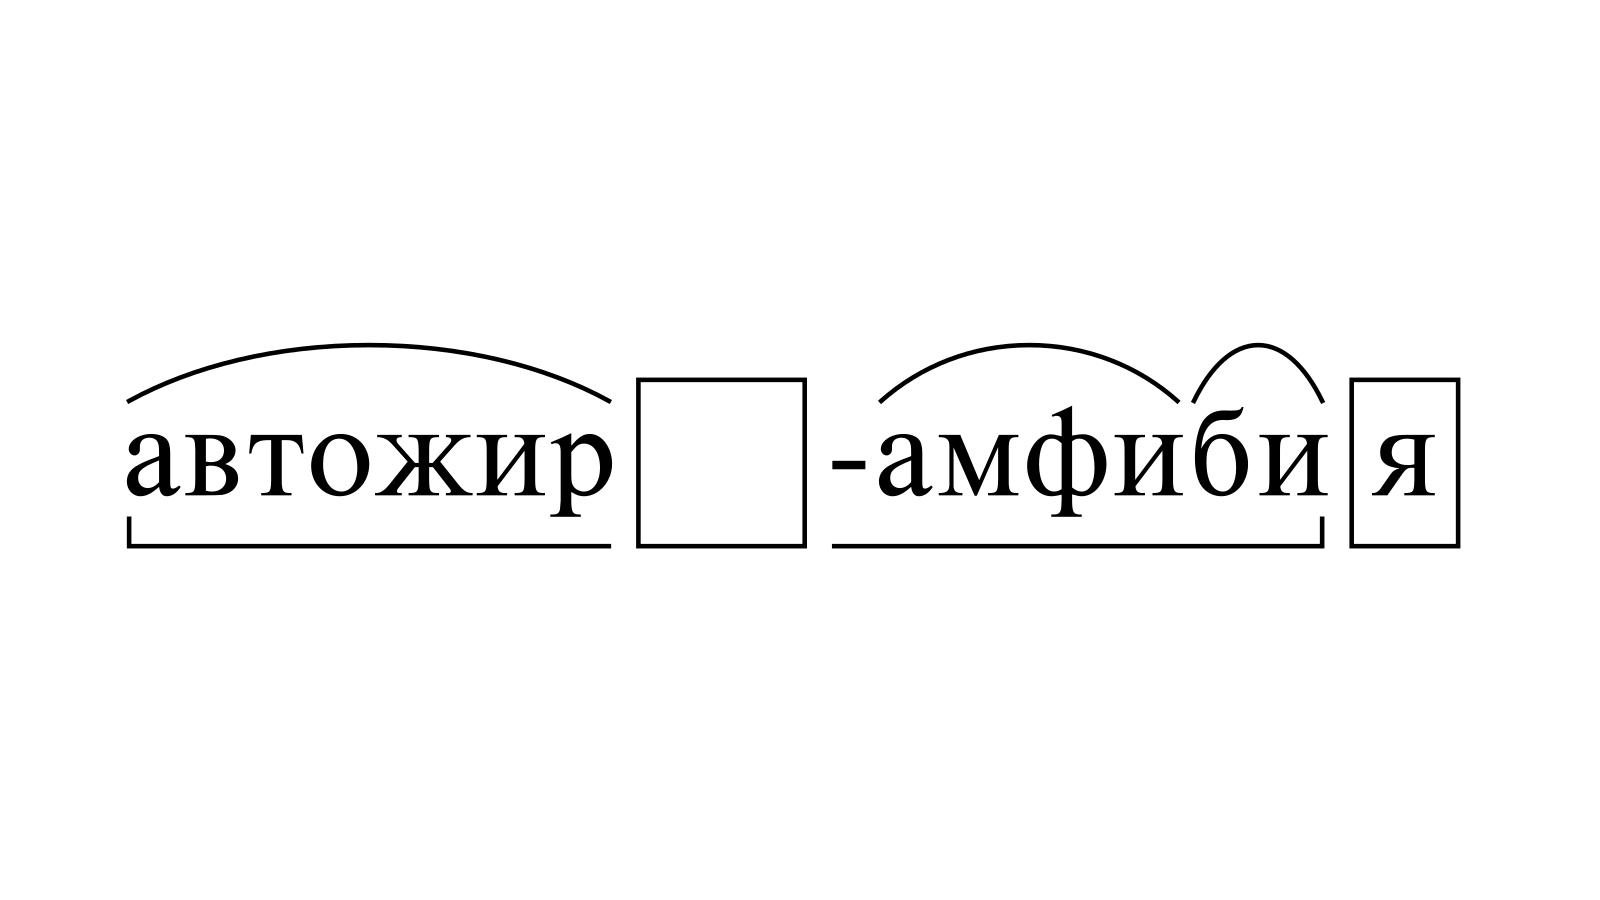 Разбор слова «автожир-амфибия» по составу